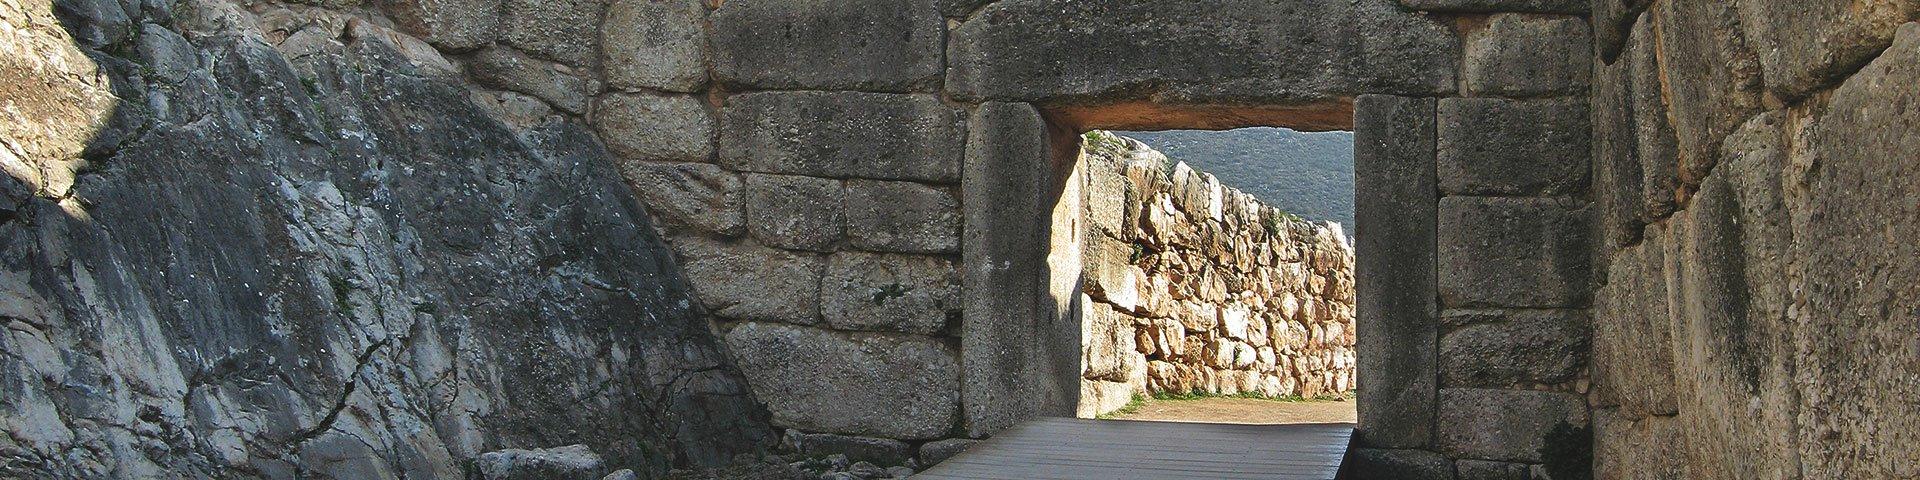 Palacios y arquitectura del poder en las civilizaciones minoica y micénica